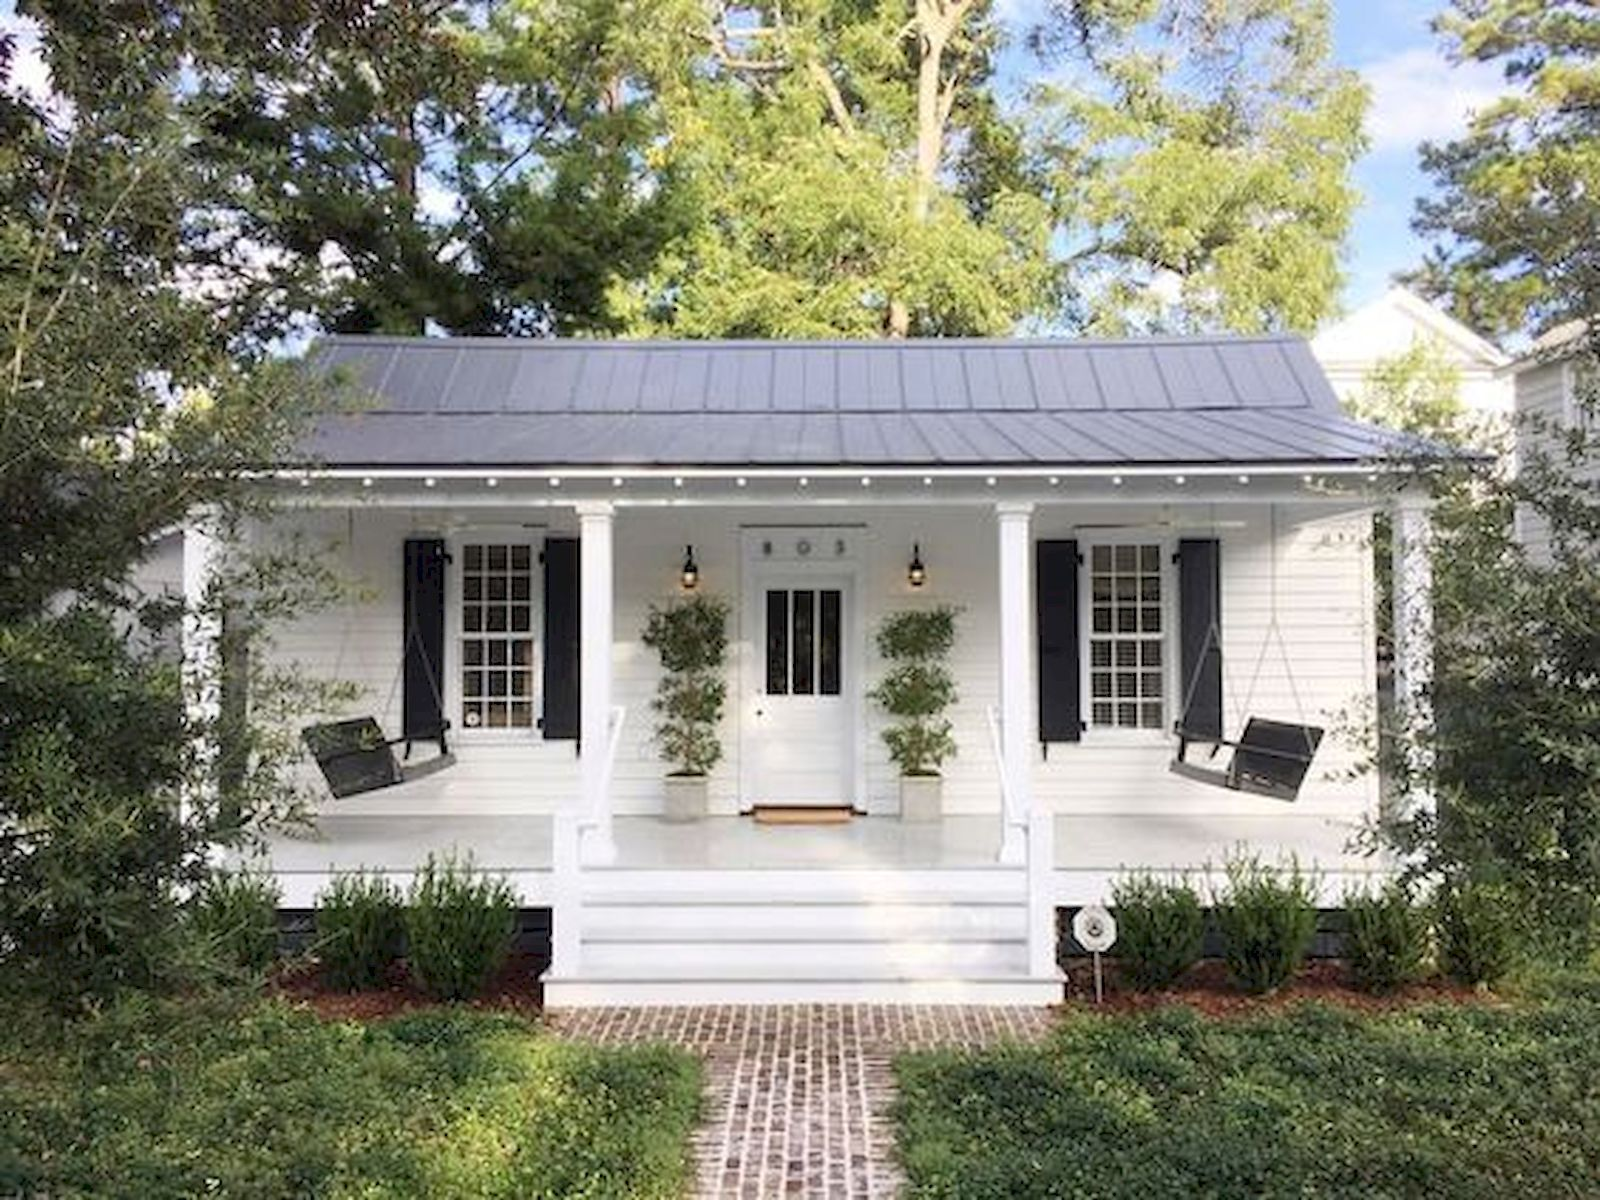 60 Adorable Farmhouse Cottage Design Ideas And Decor - Googodecor